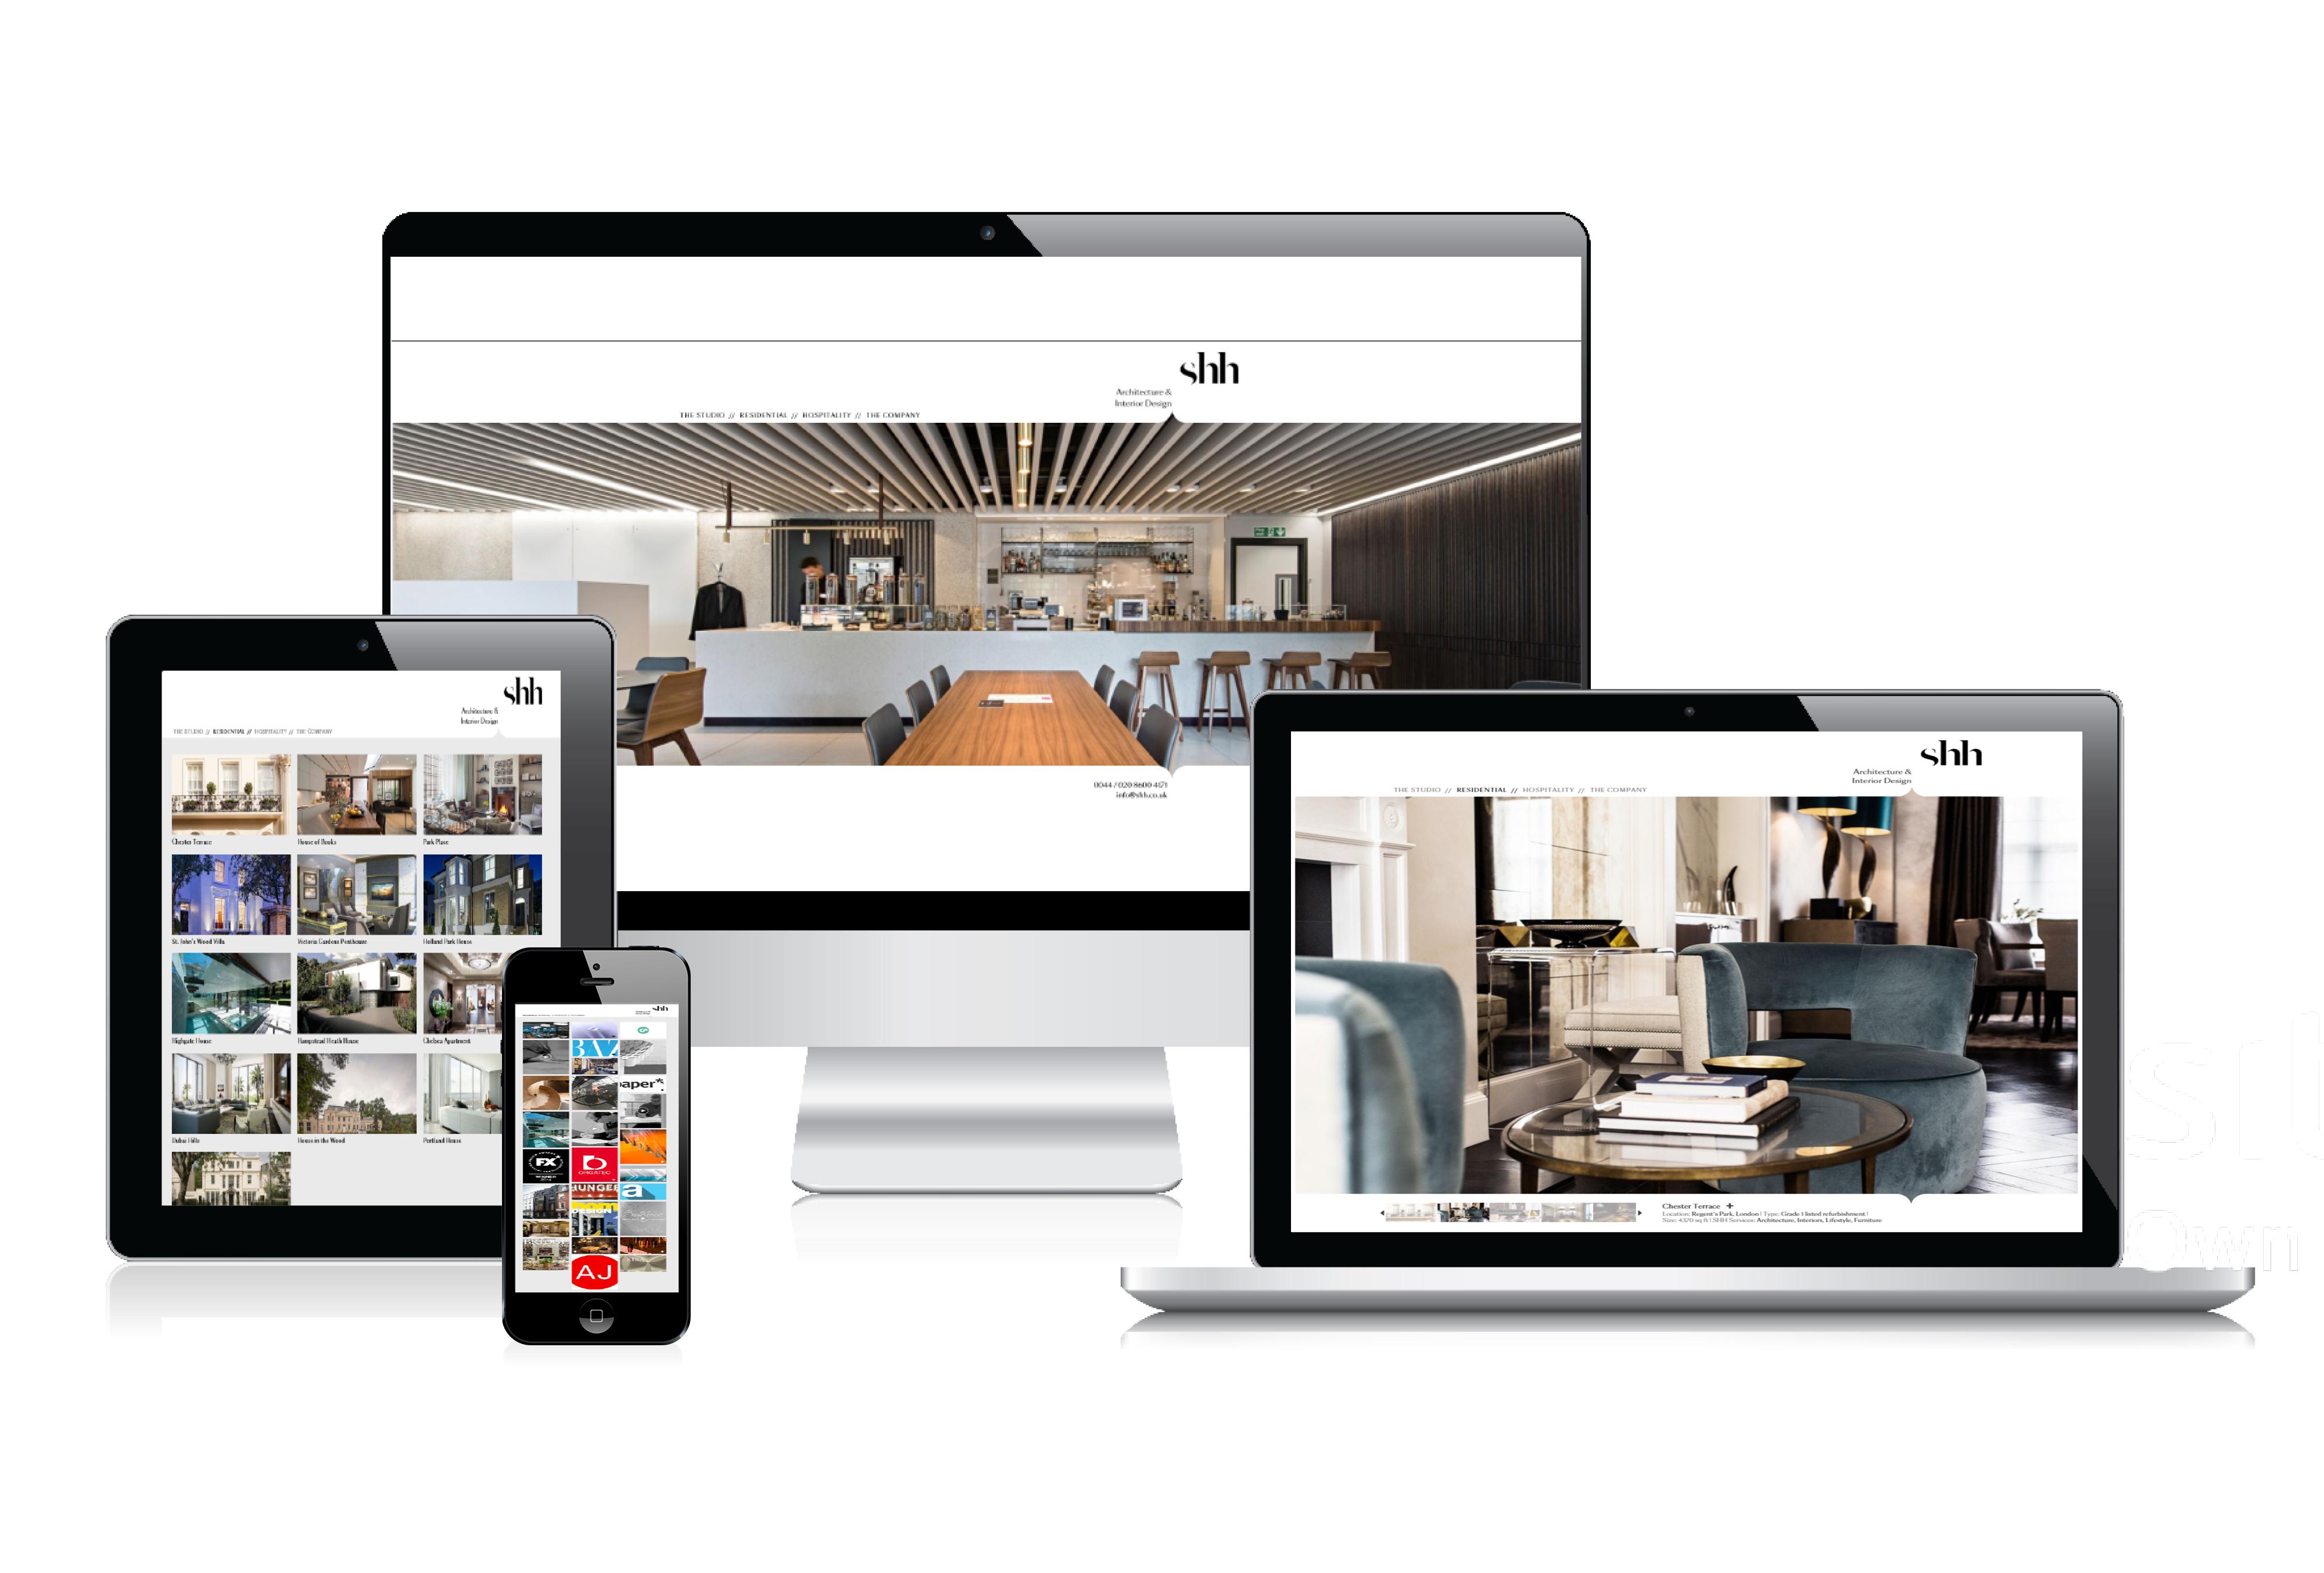 Lab - Case Studies - Interior Design & Architecture Website